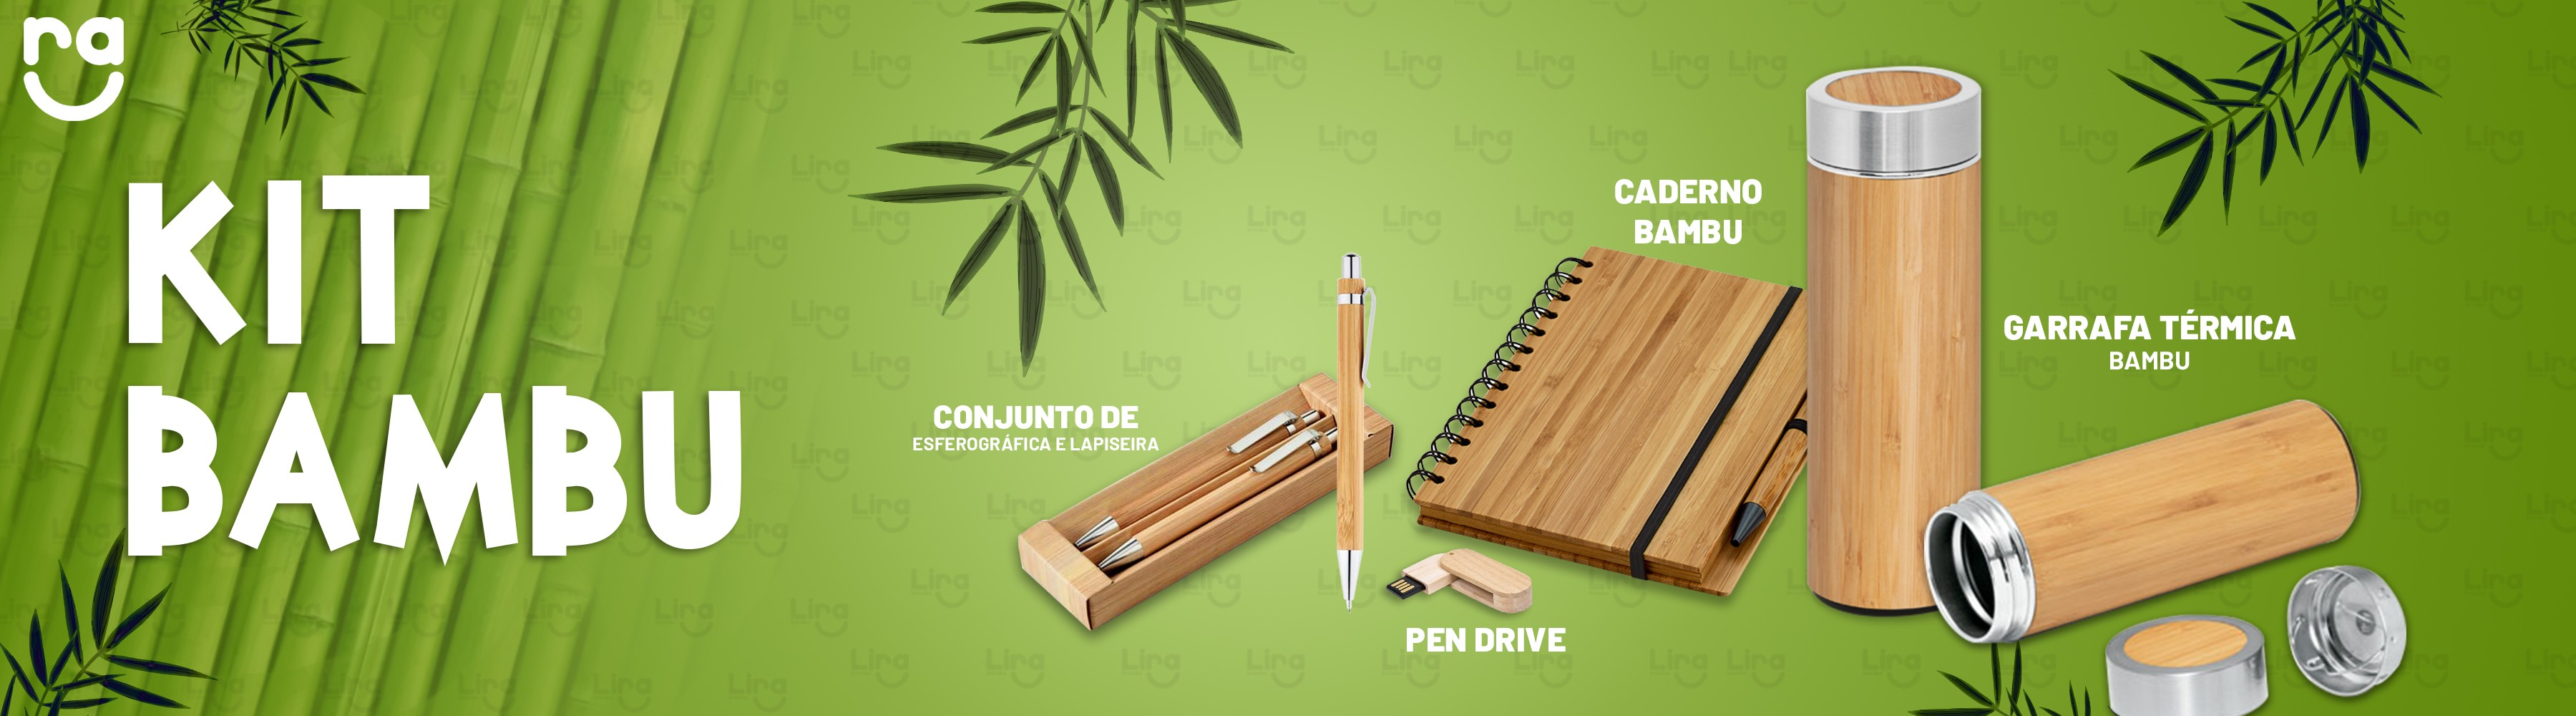 Kit Bambu -  2019